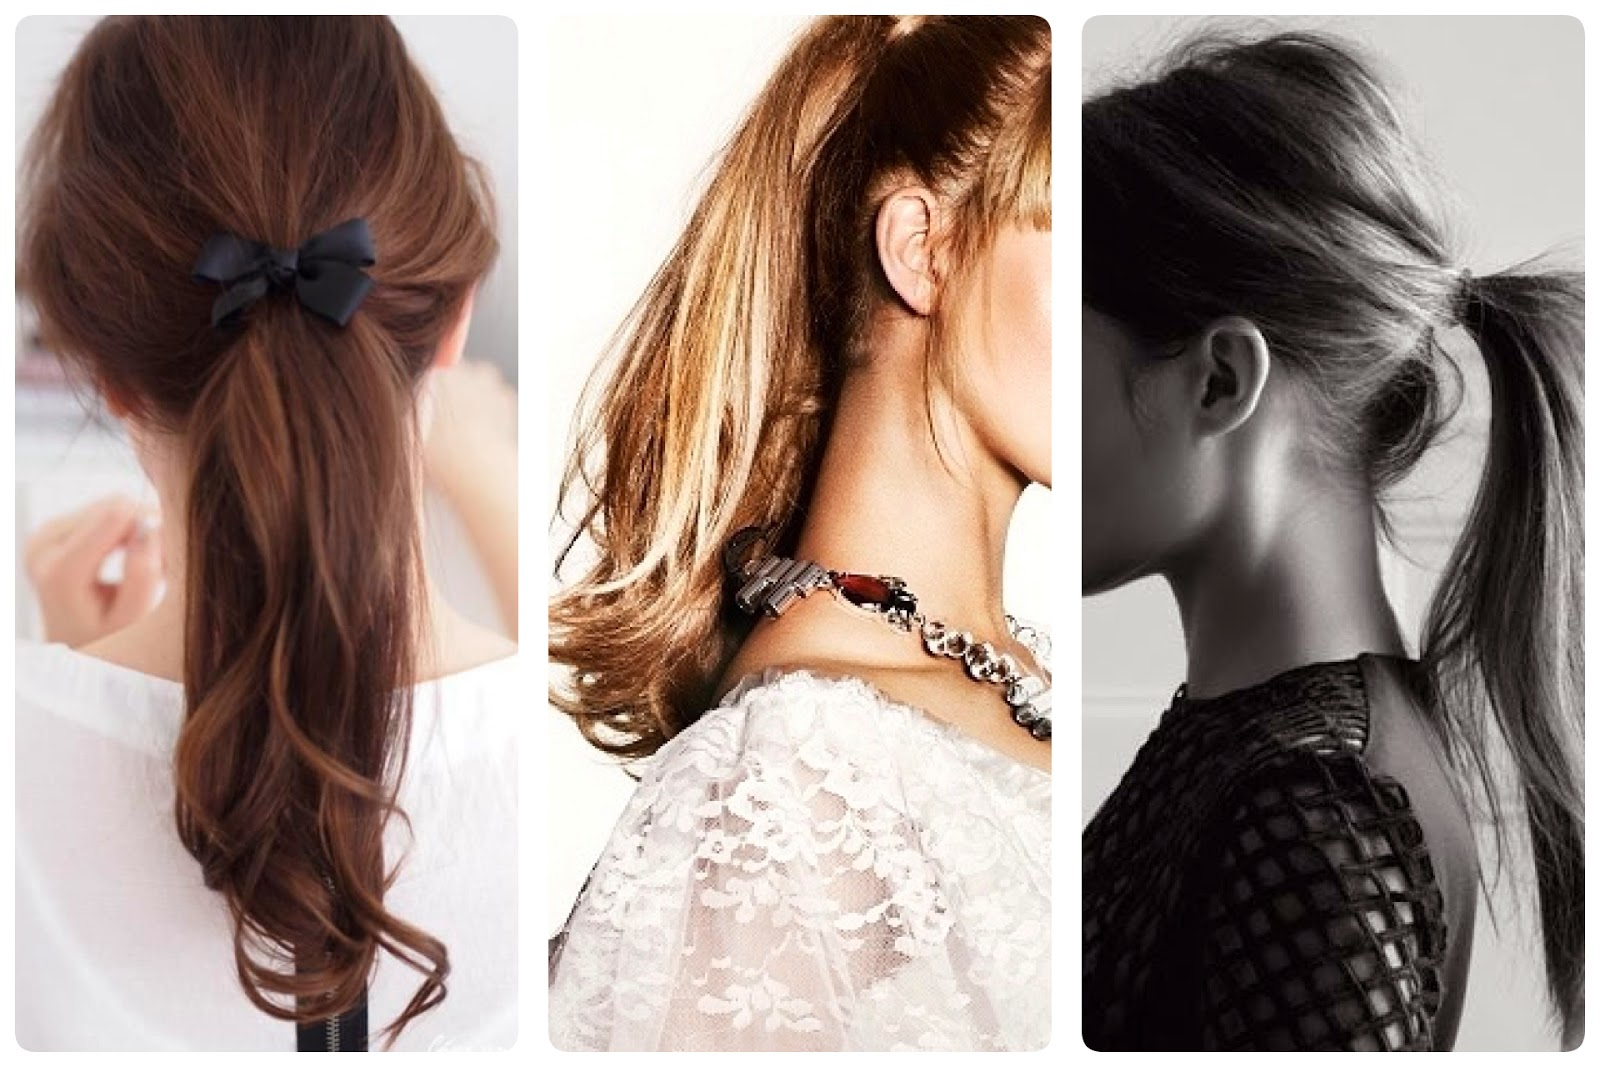 Peinados Con Coleta Para Boda - Peinados para bodas ideales para invitadas Vida Lúcida